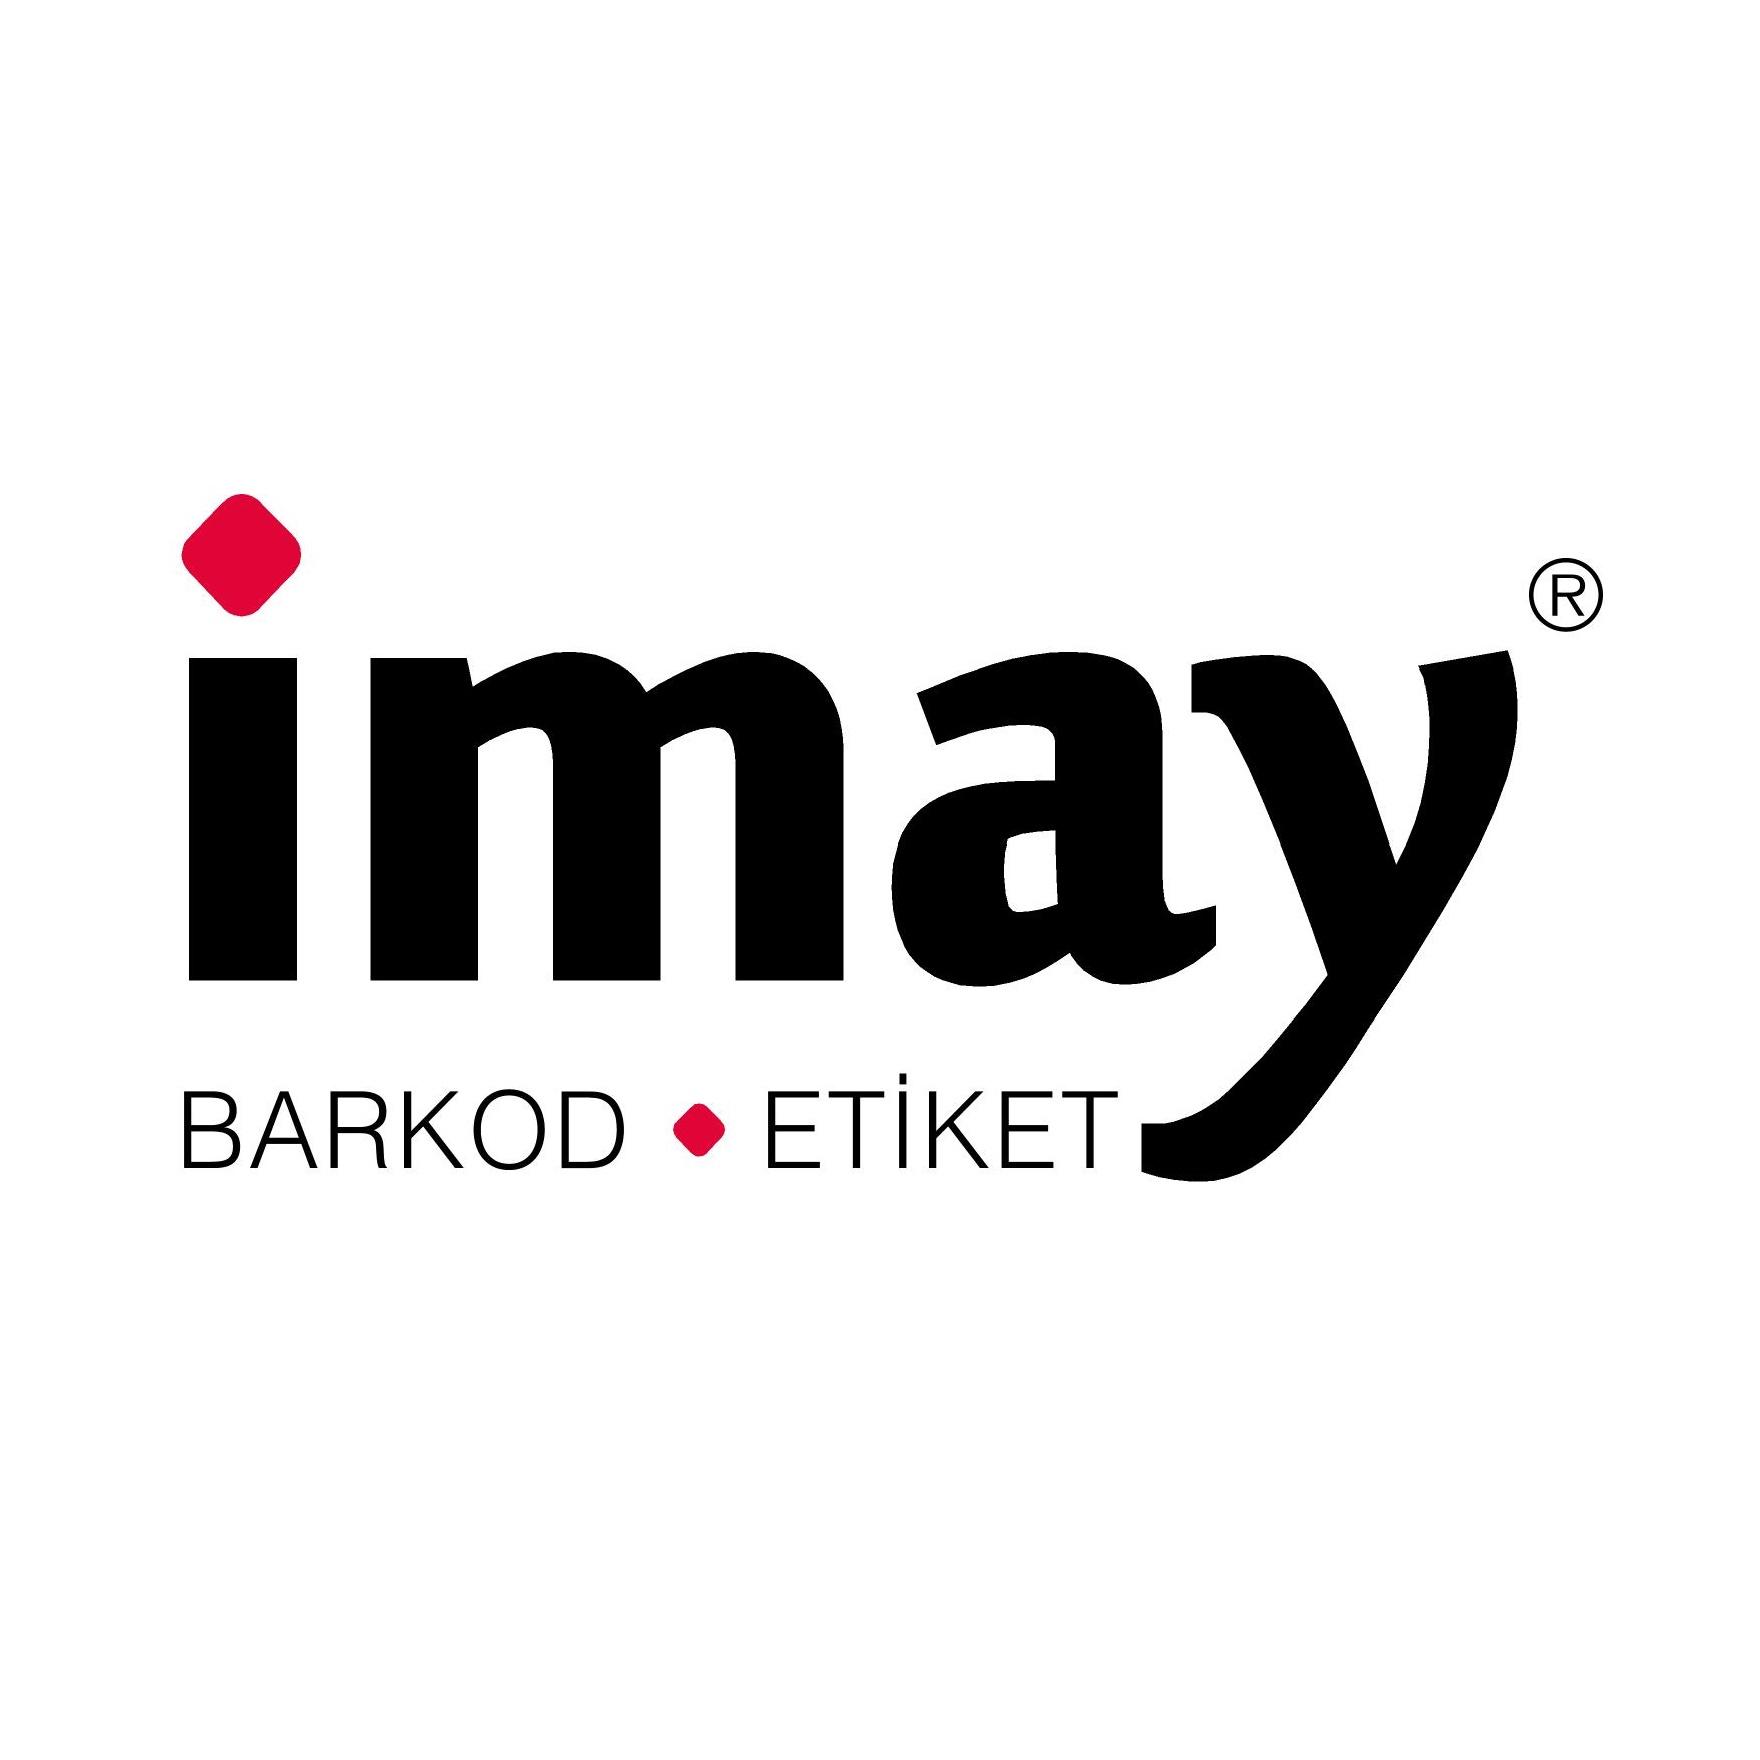 İMAY BİLİŞİM BARKOD SİSTEMLERİ VE ETİKET SAN. TİC. LTD. ŞTİ.